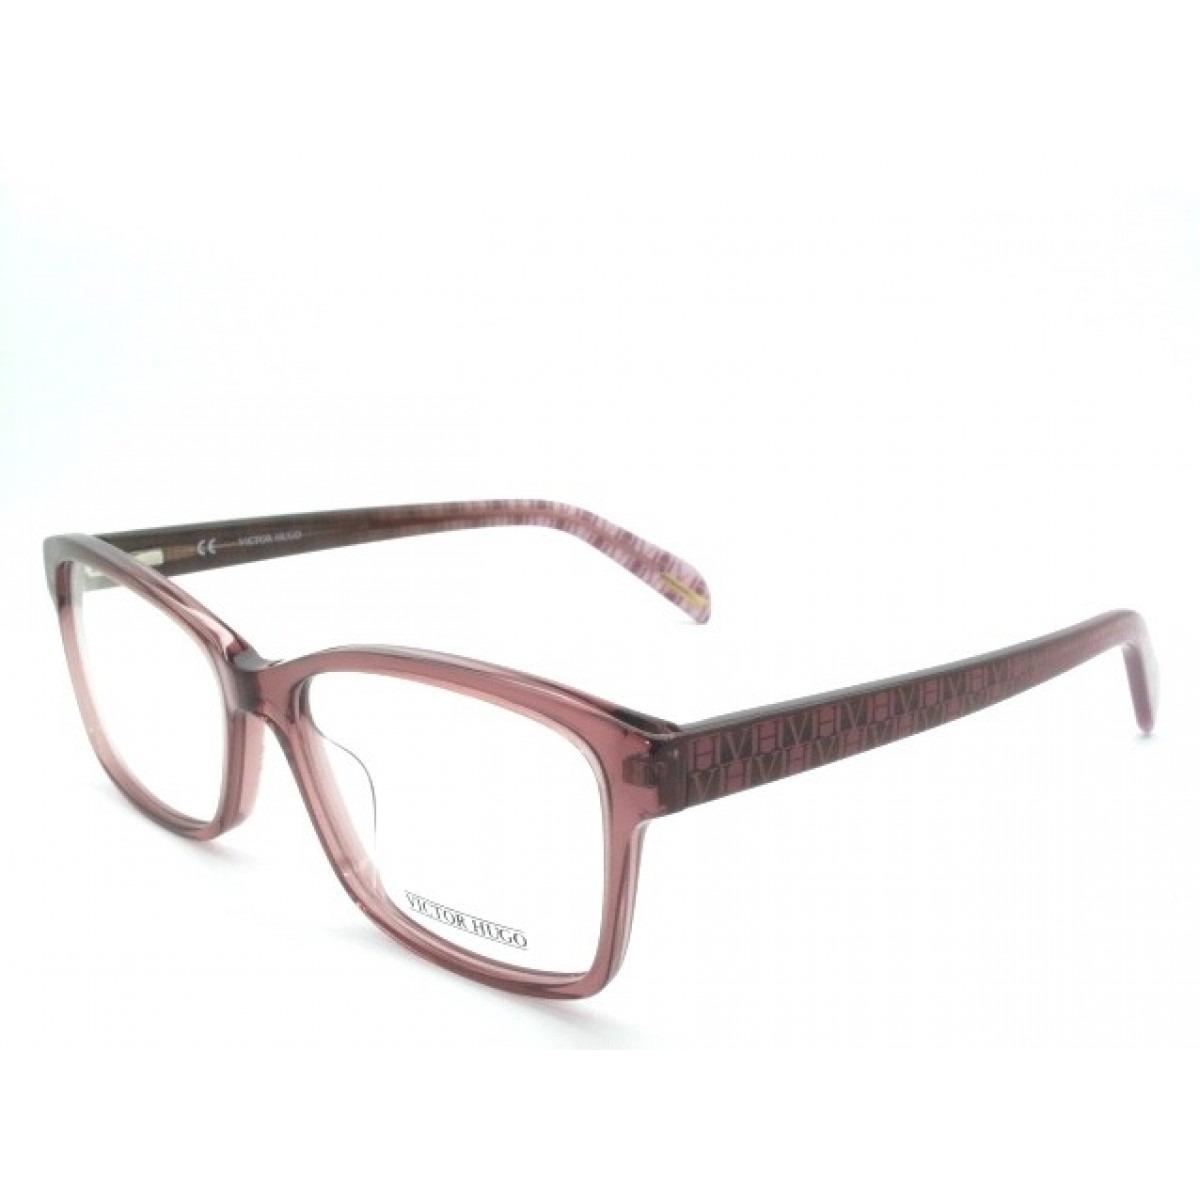 2c227c23318ff Armação De Óculos Victor Hugo Vh1726 Col.096d 140 - R  609,00 em Mercado  Livre